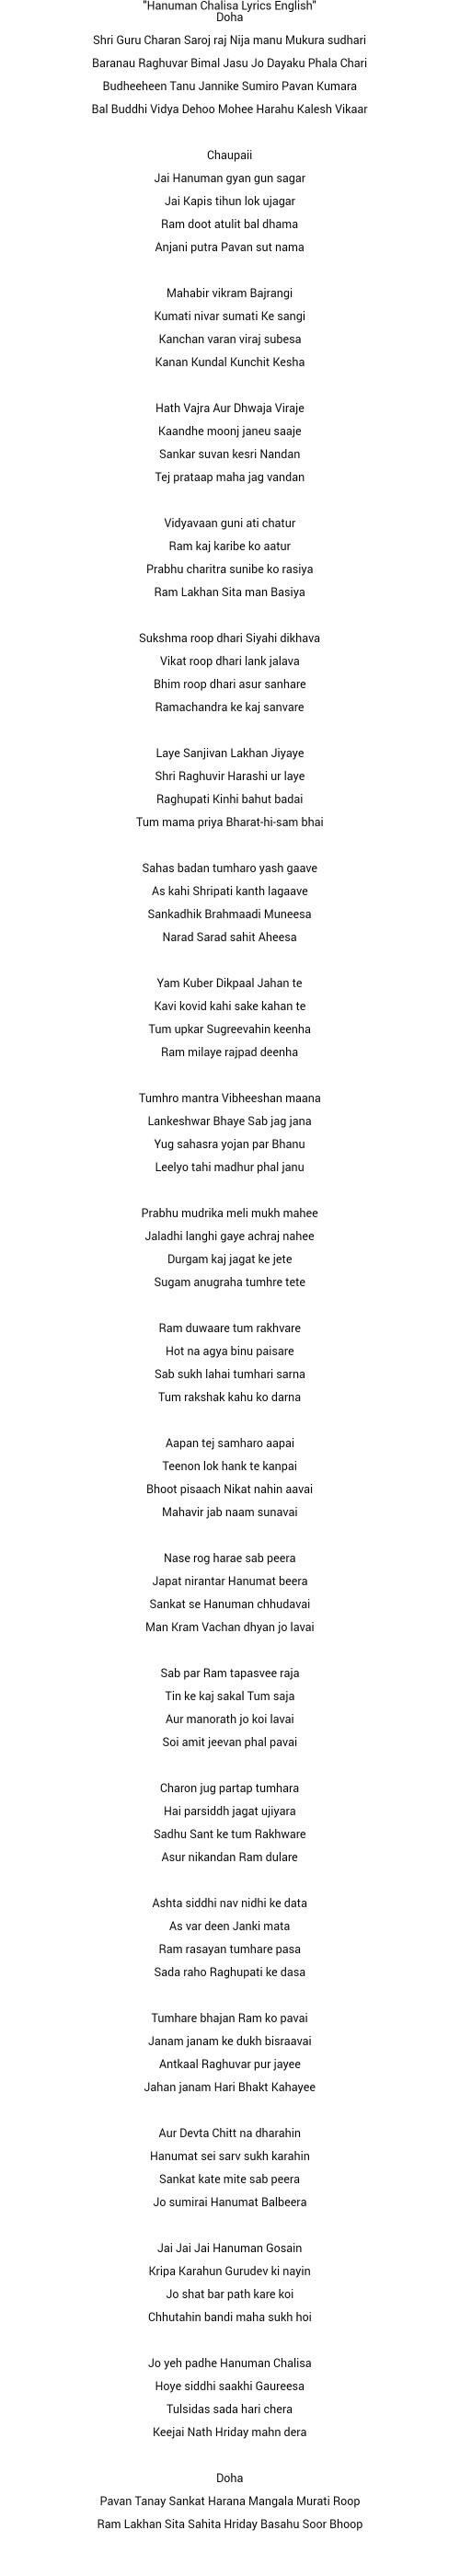 hanuman-chalisa-in-english